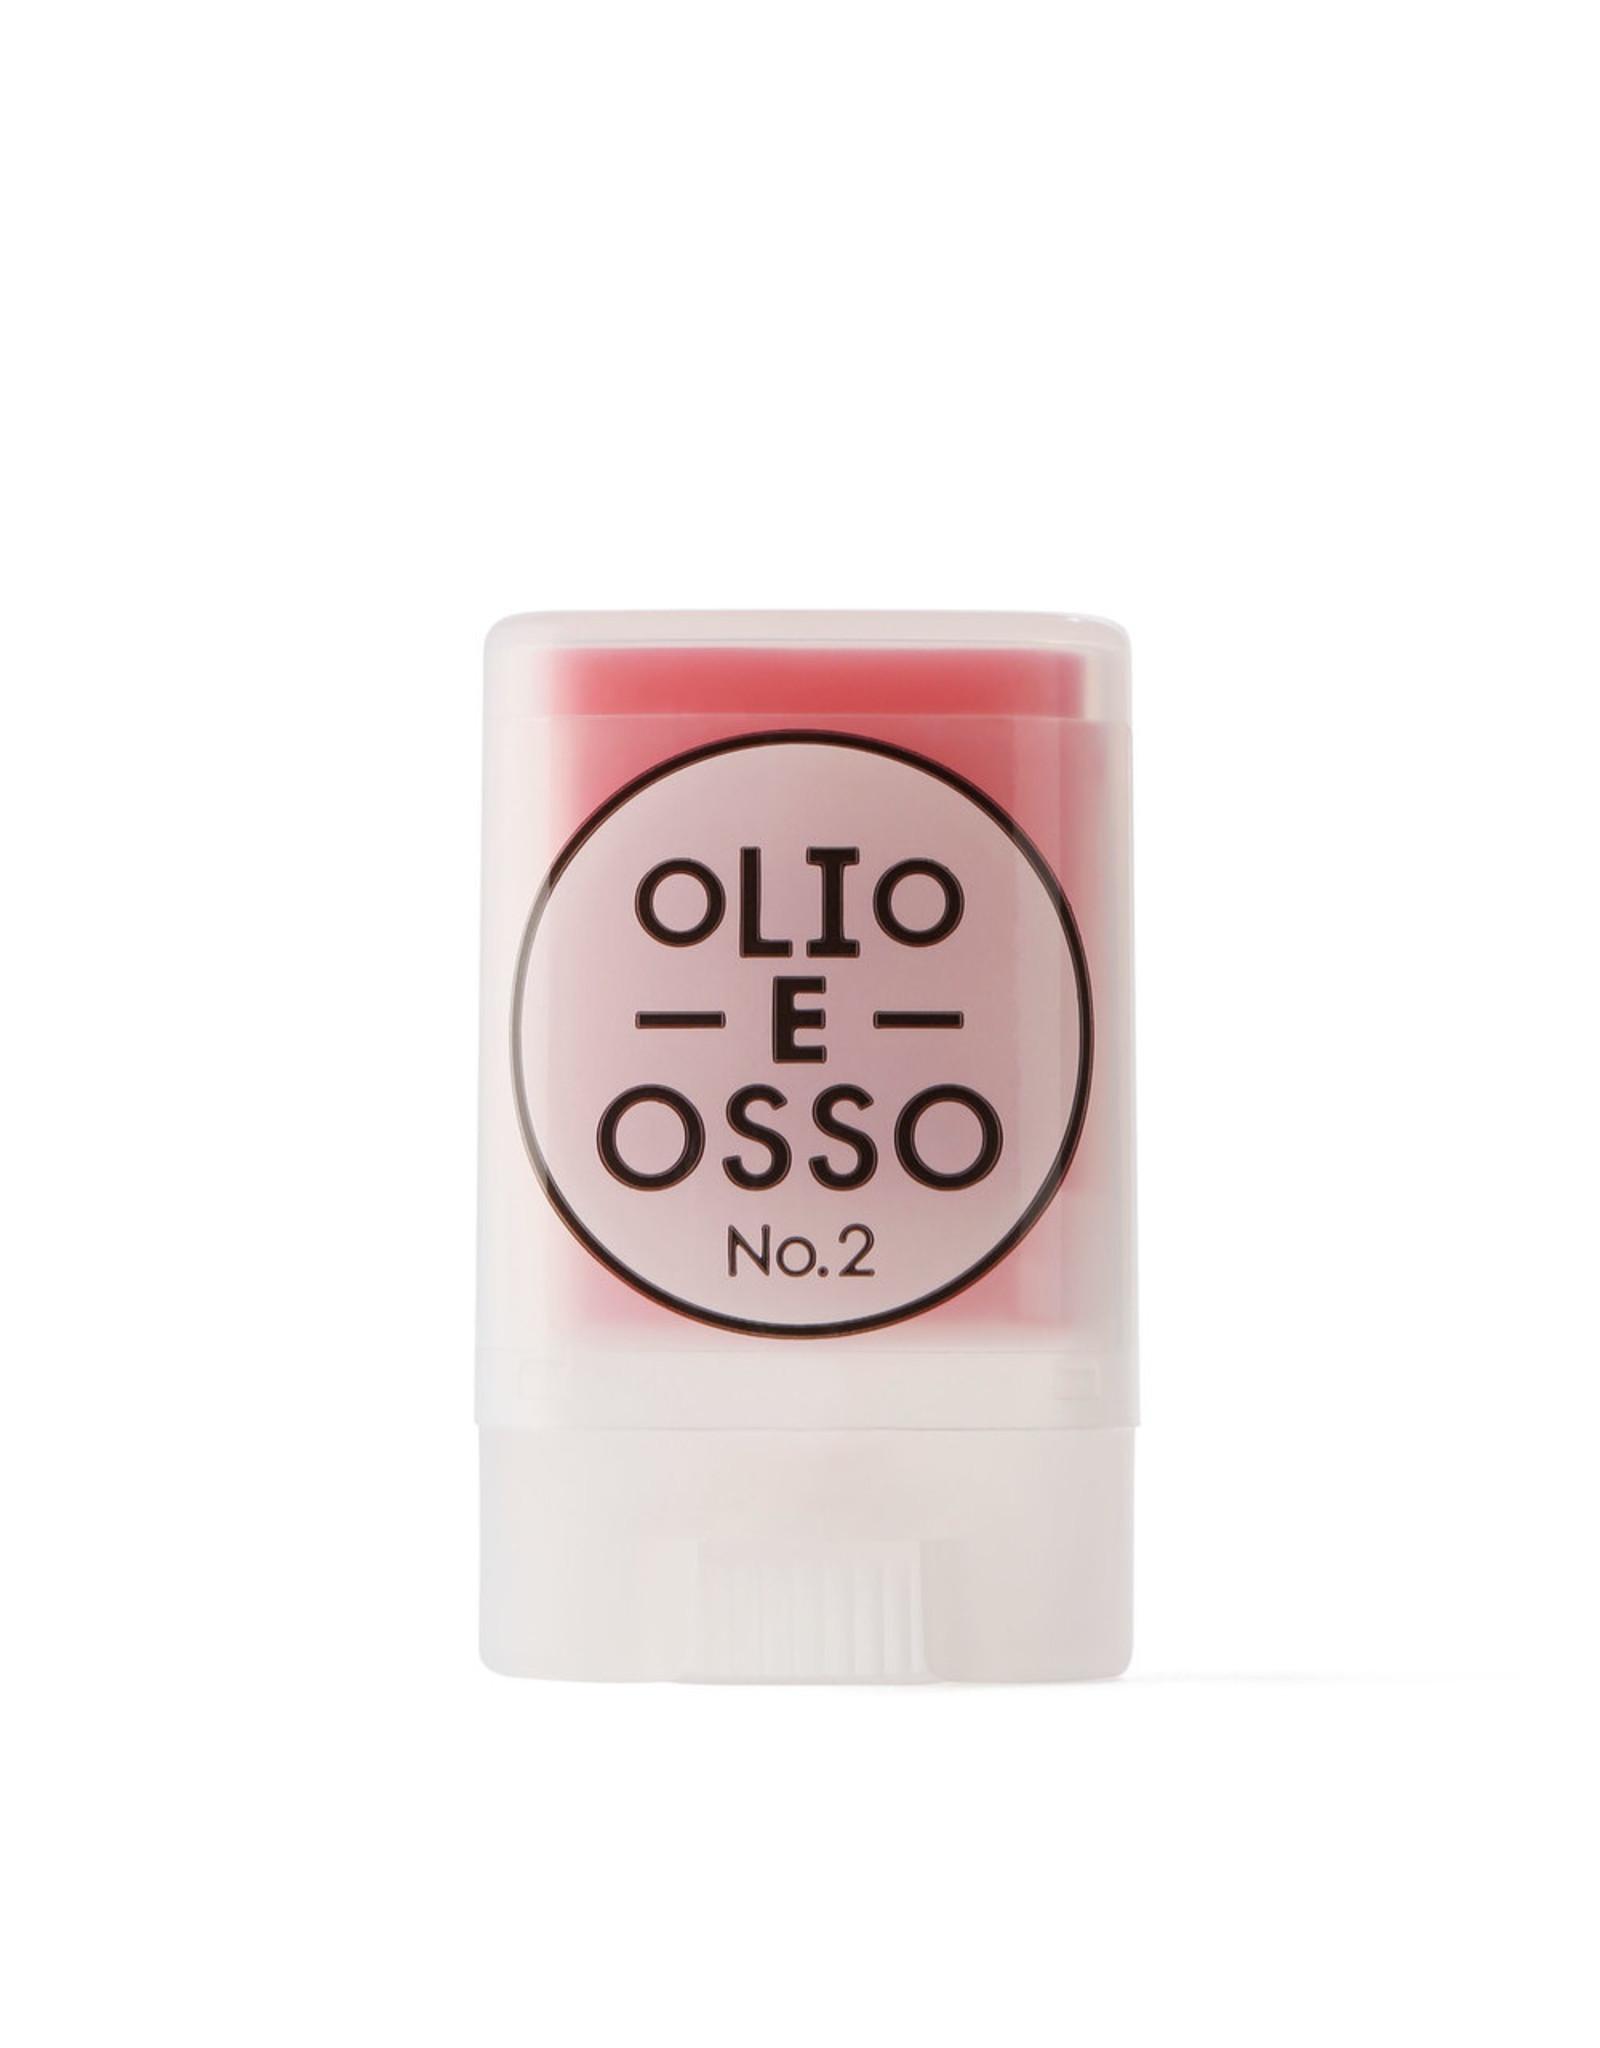 Olio E Osso Olio E Osso No. 2 - French Melon Balm